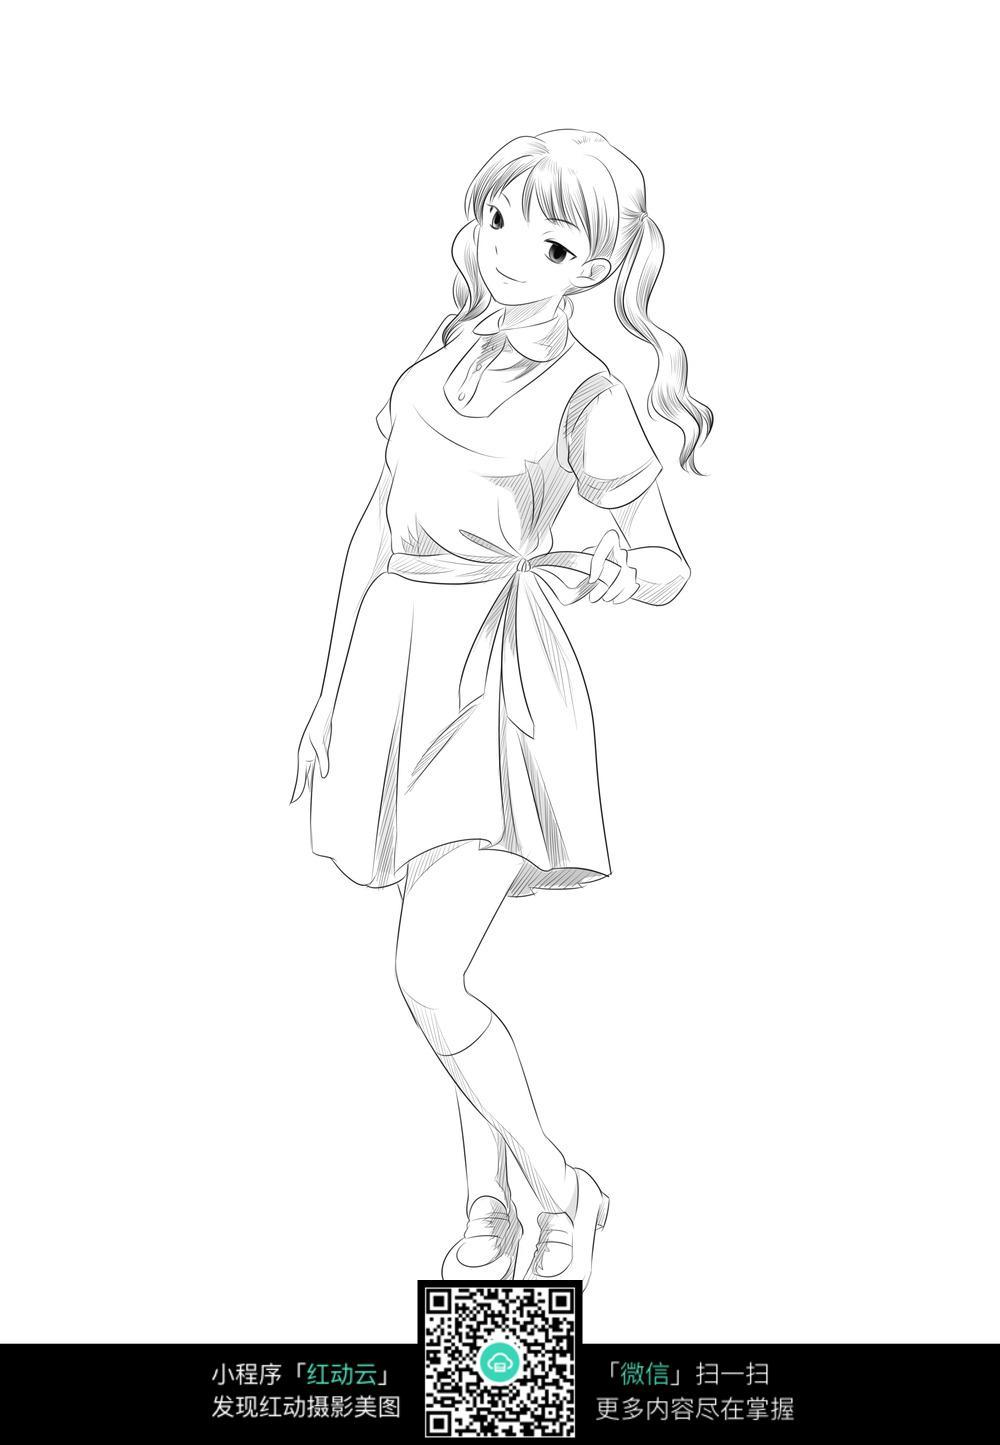 穿着短裙的长发少女_人物卡通图片_红动手机版